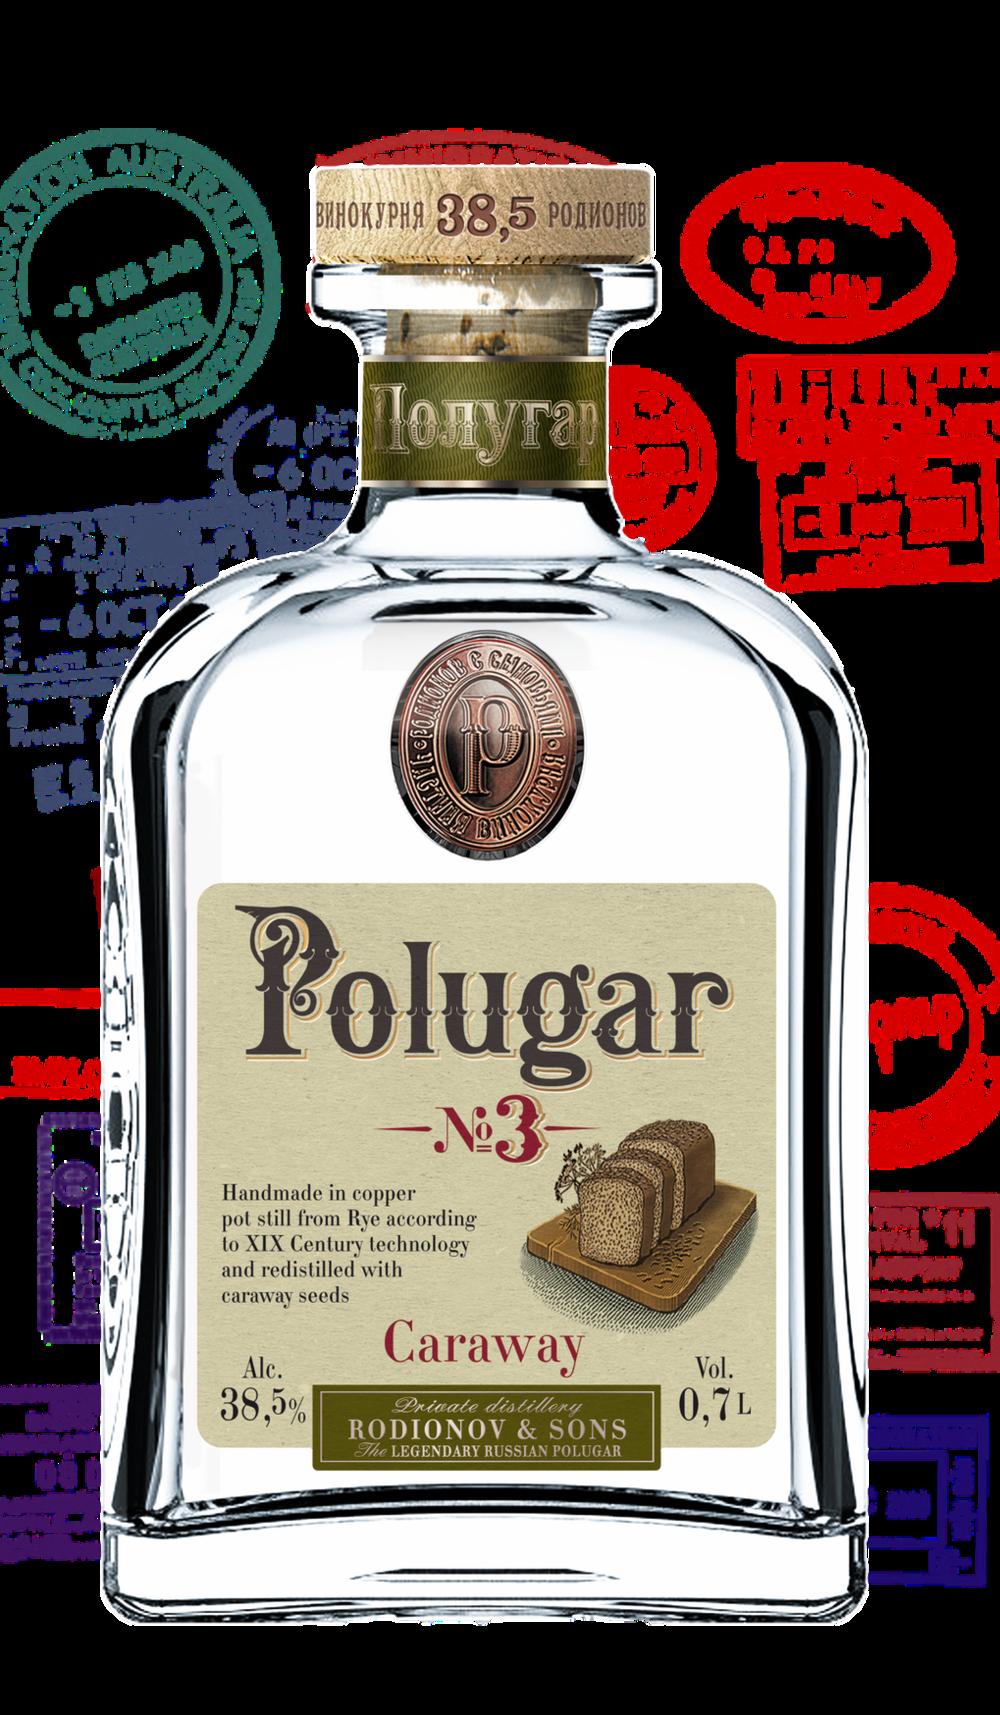 Polugar No.3 Caraway 38,5 %    Klicke auf das Bild für mehr Infos